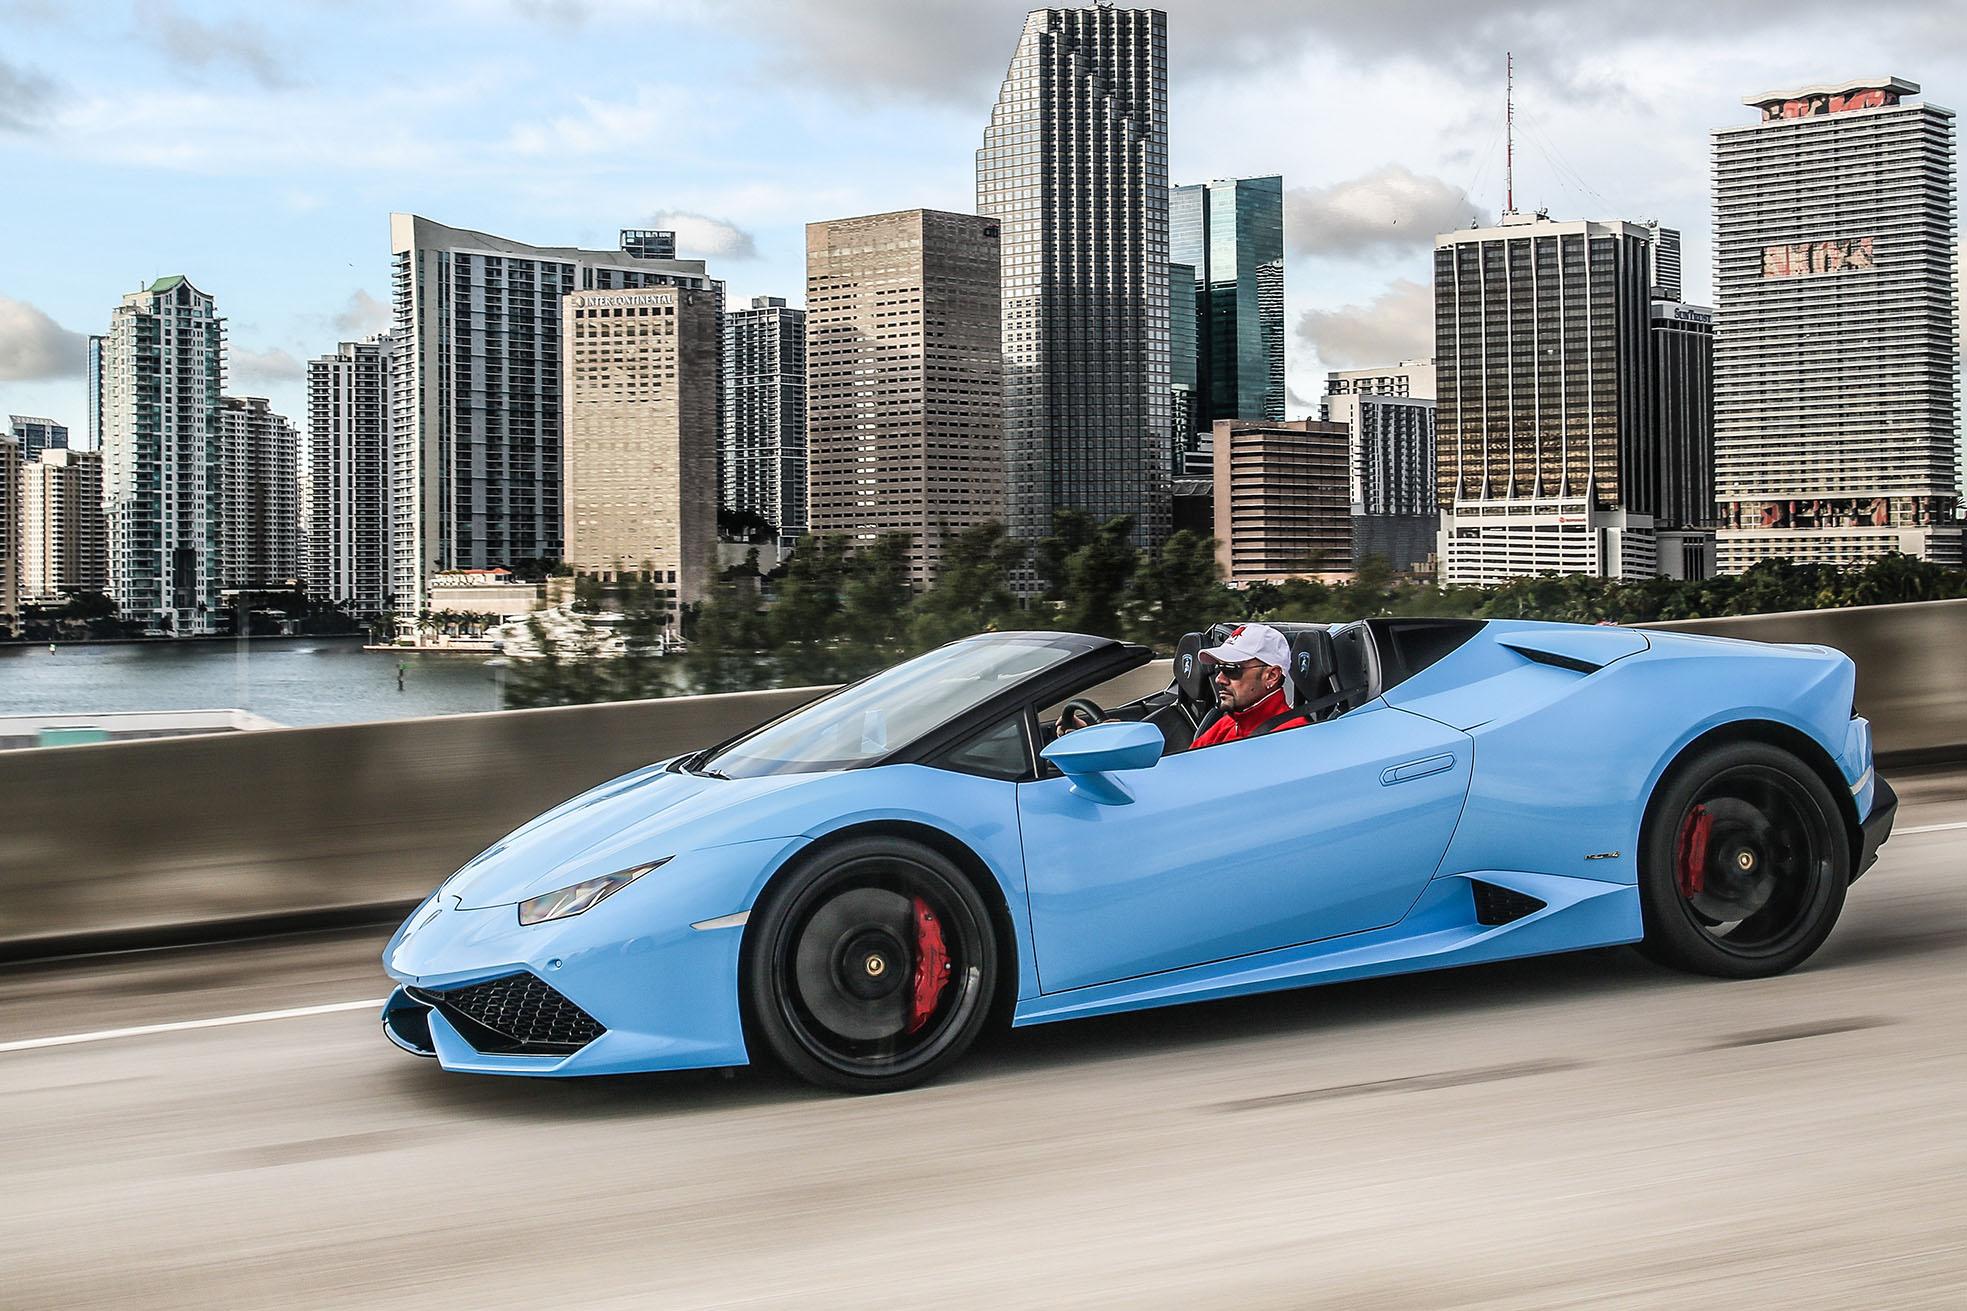 TrackWorthy – Lamborghini Huracán Spyder